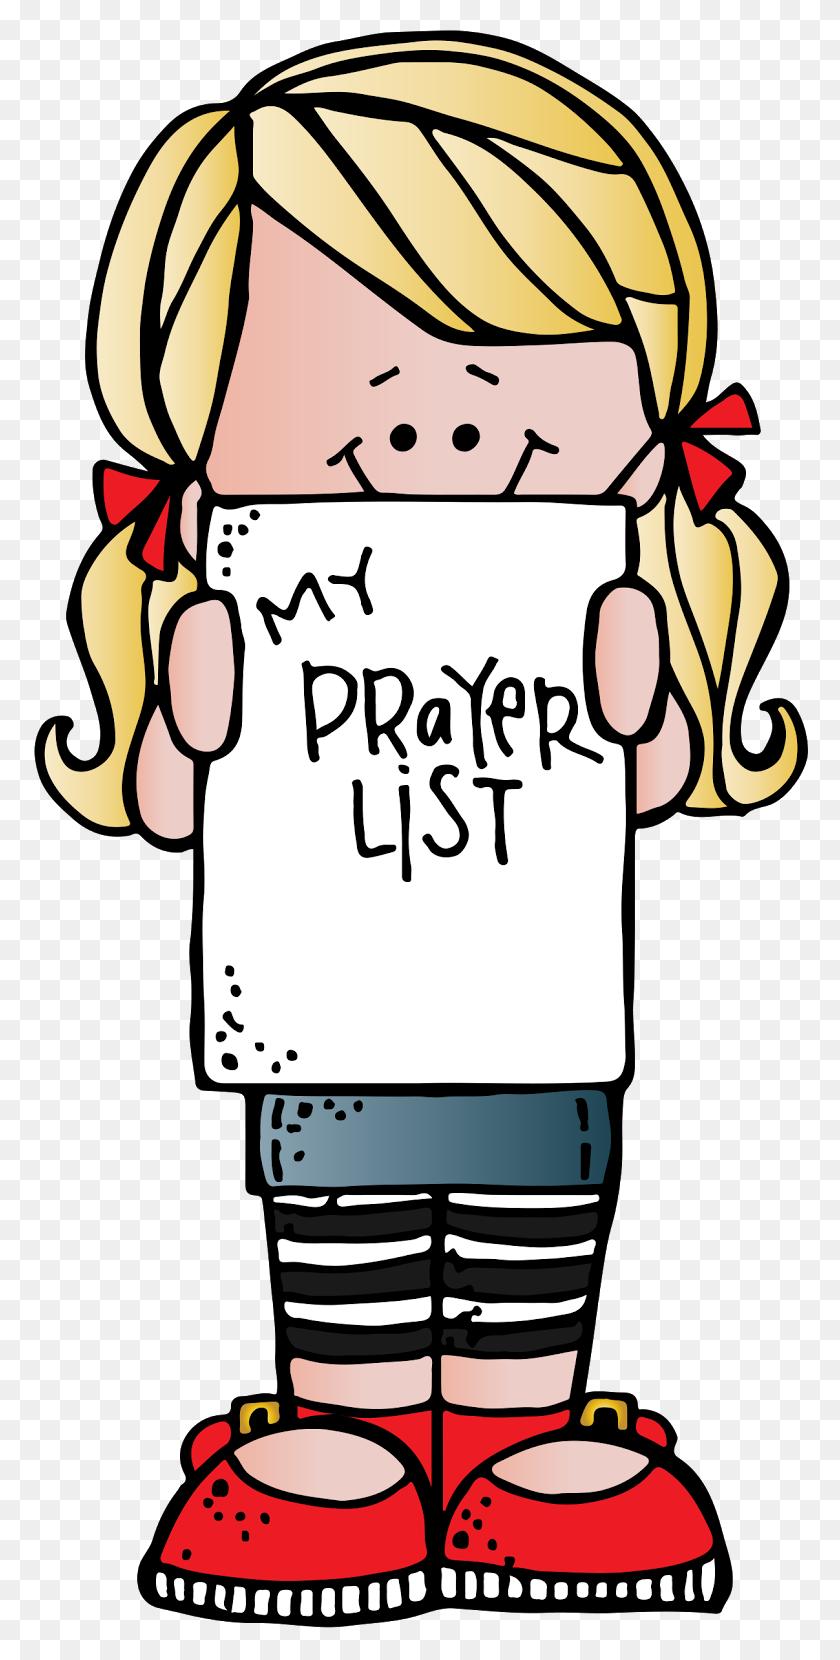 Melonheadz Lds Illustrating Kiela Projects - Sacrament Lds Clipart